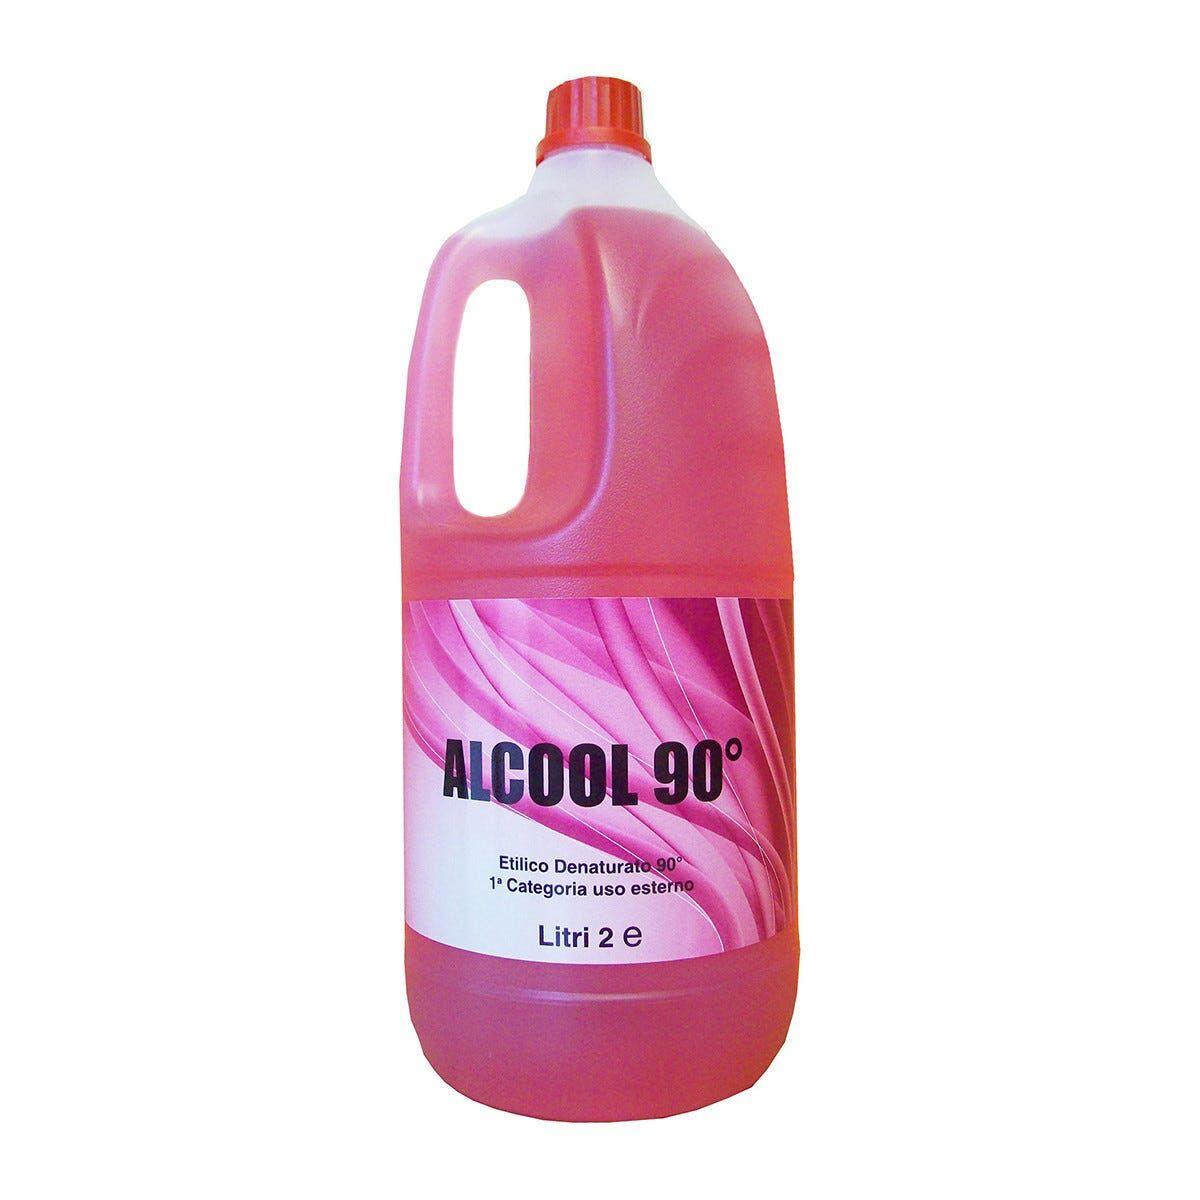 Alcool Etilico 90° Denaturato 2 L